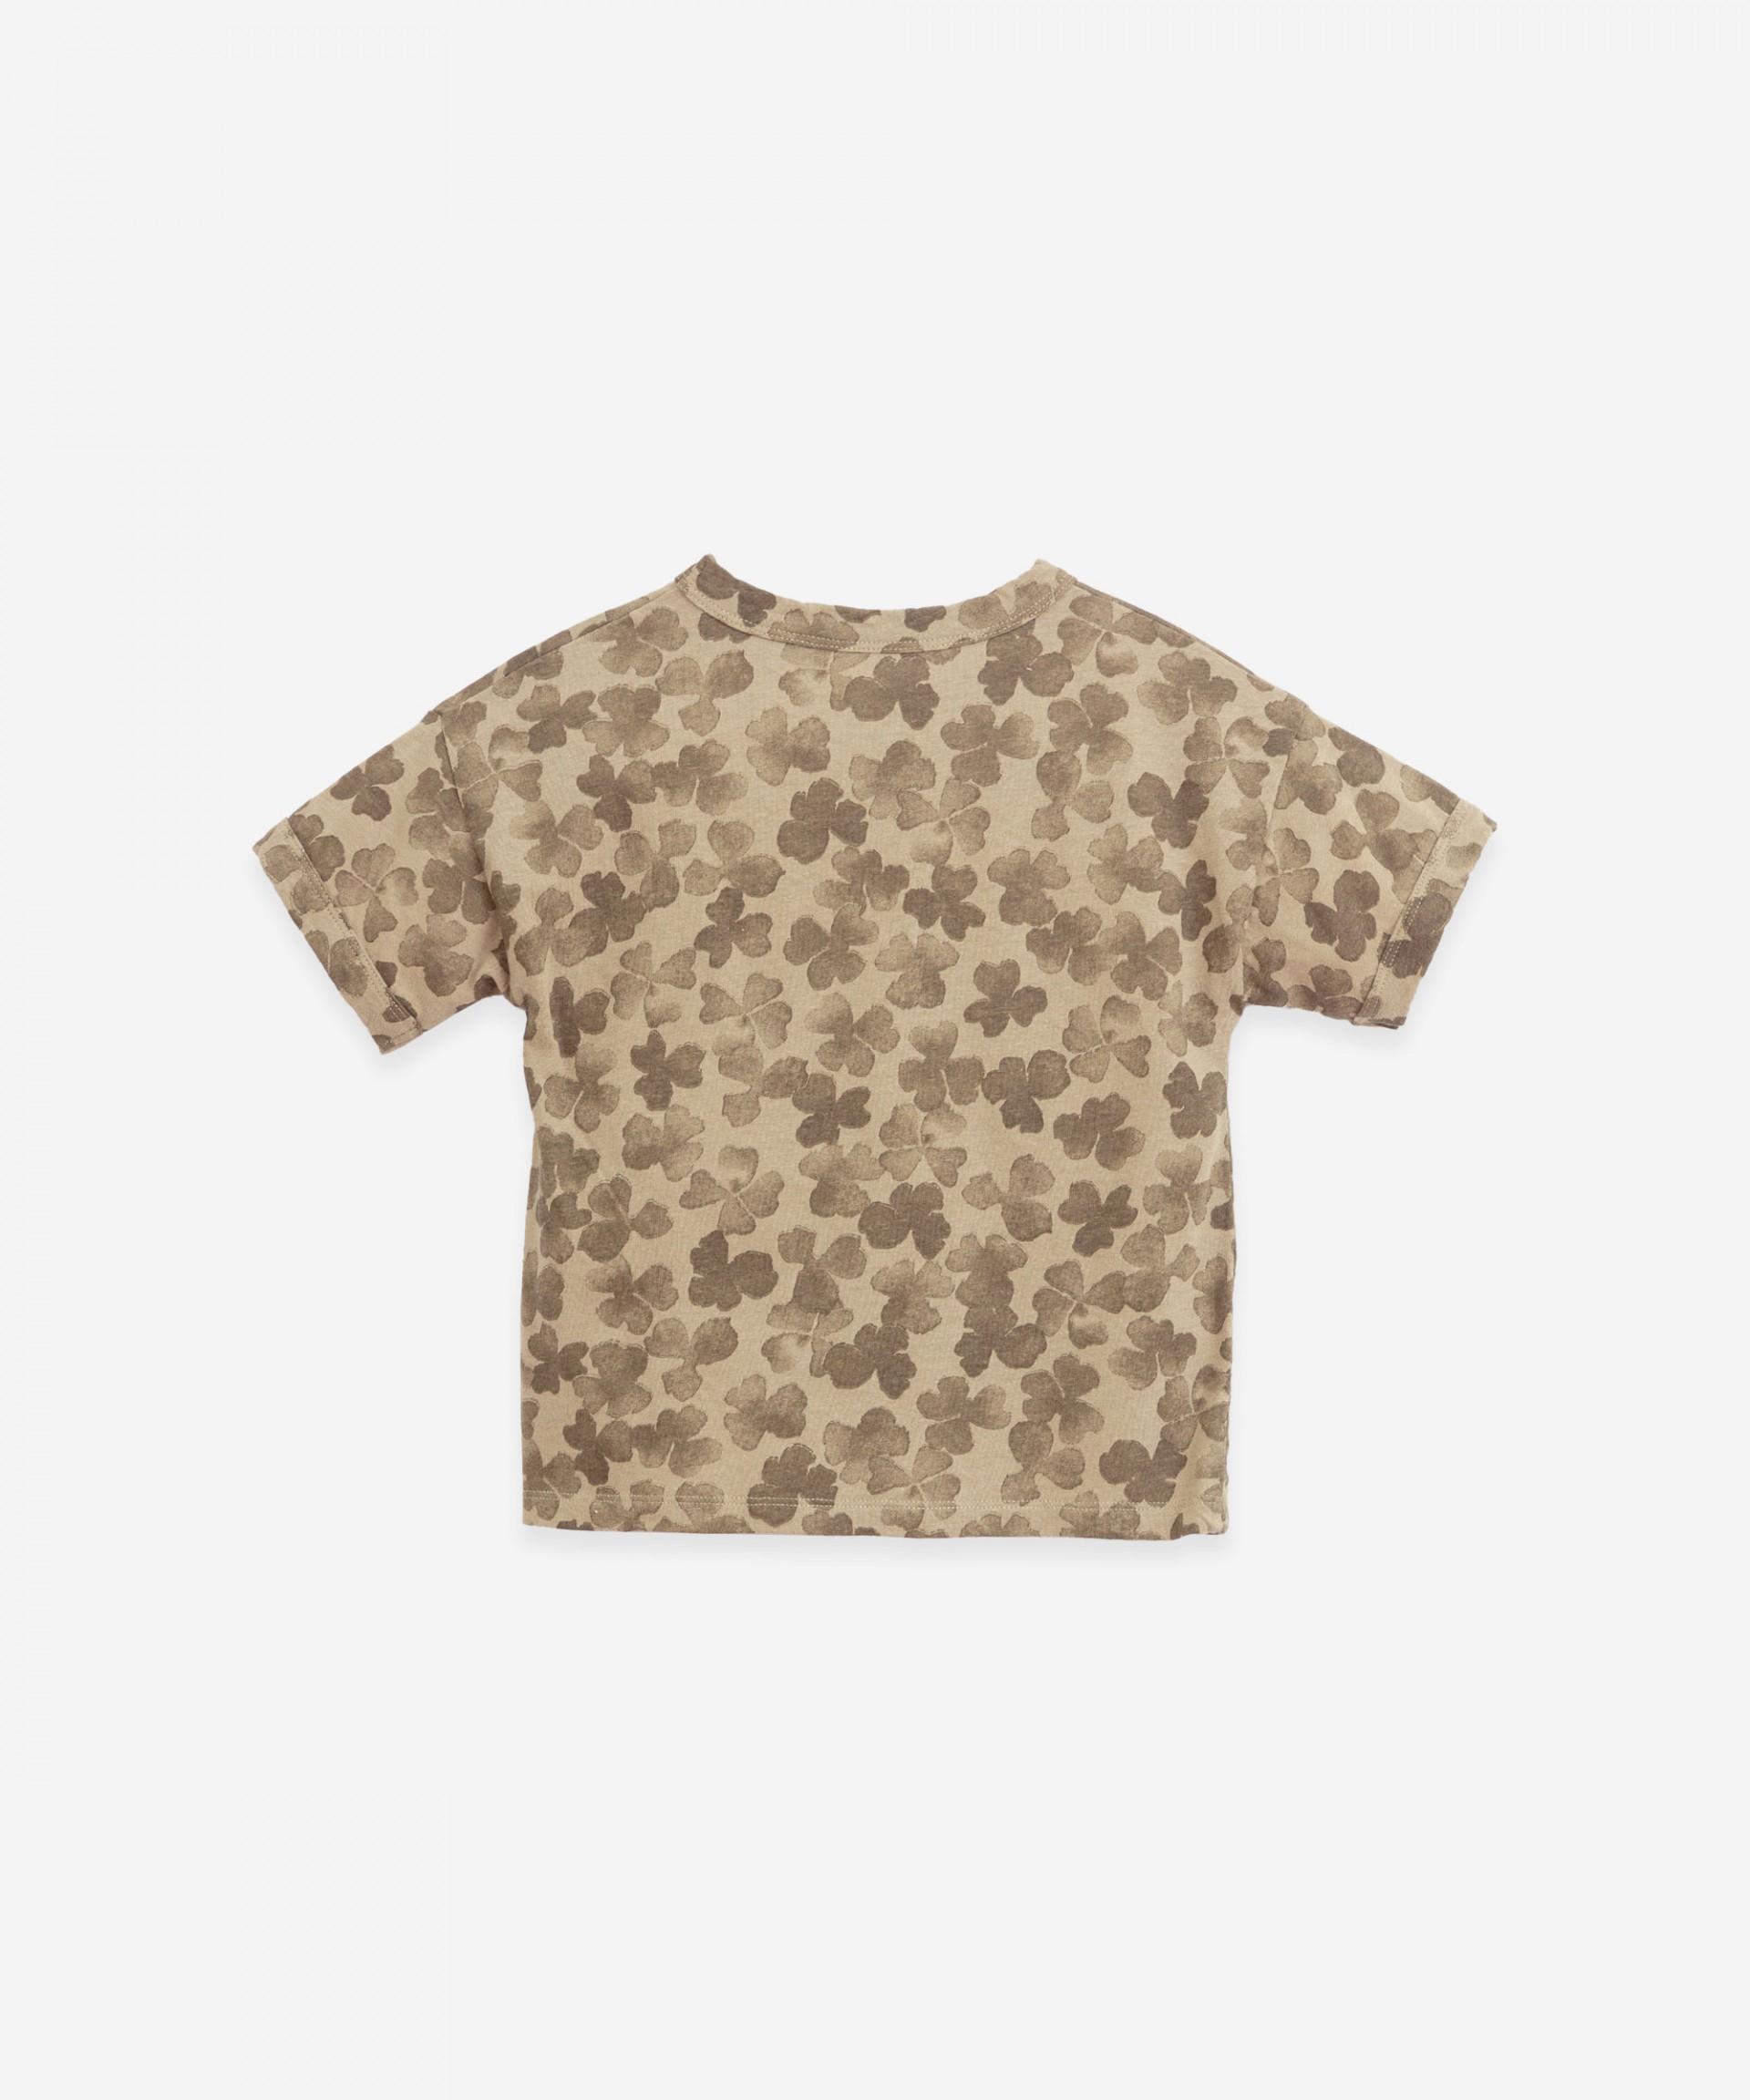 Camiseta con estampado de tréboles | Botany